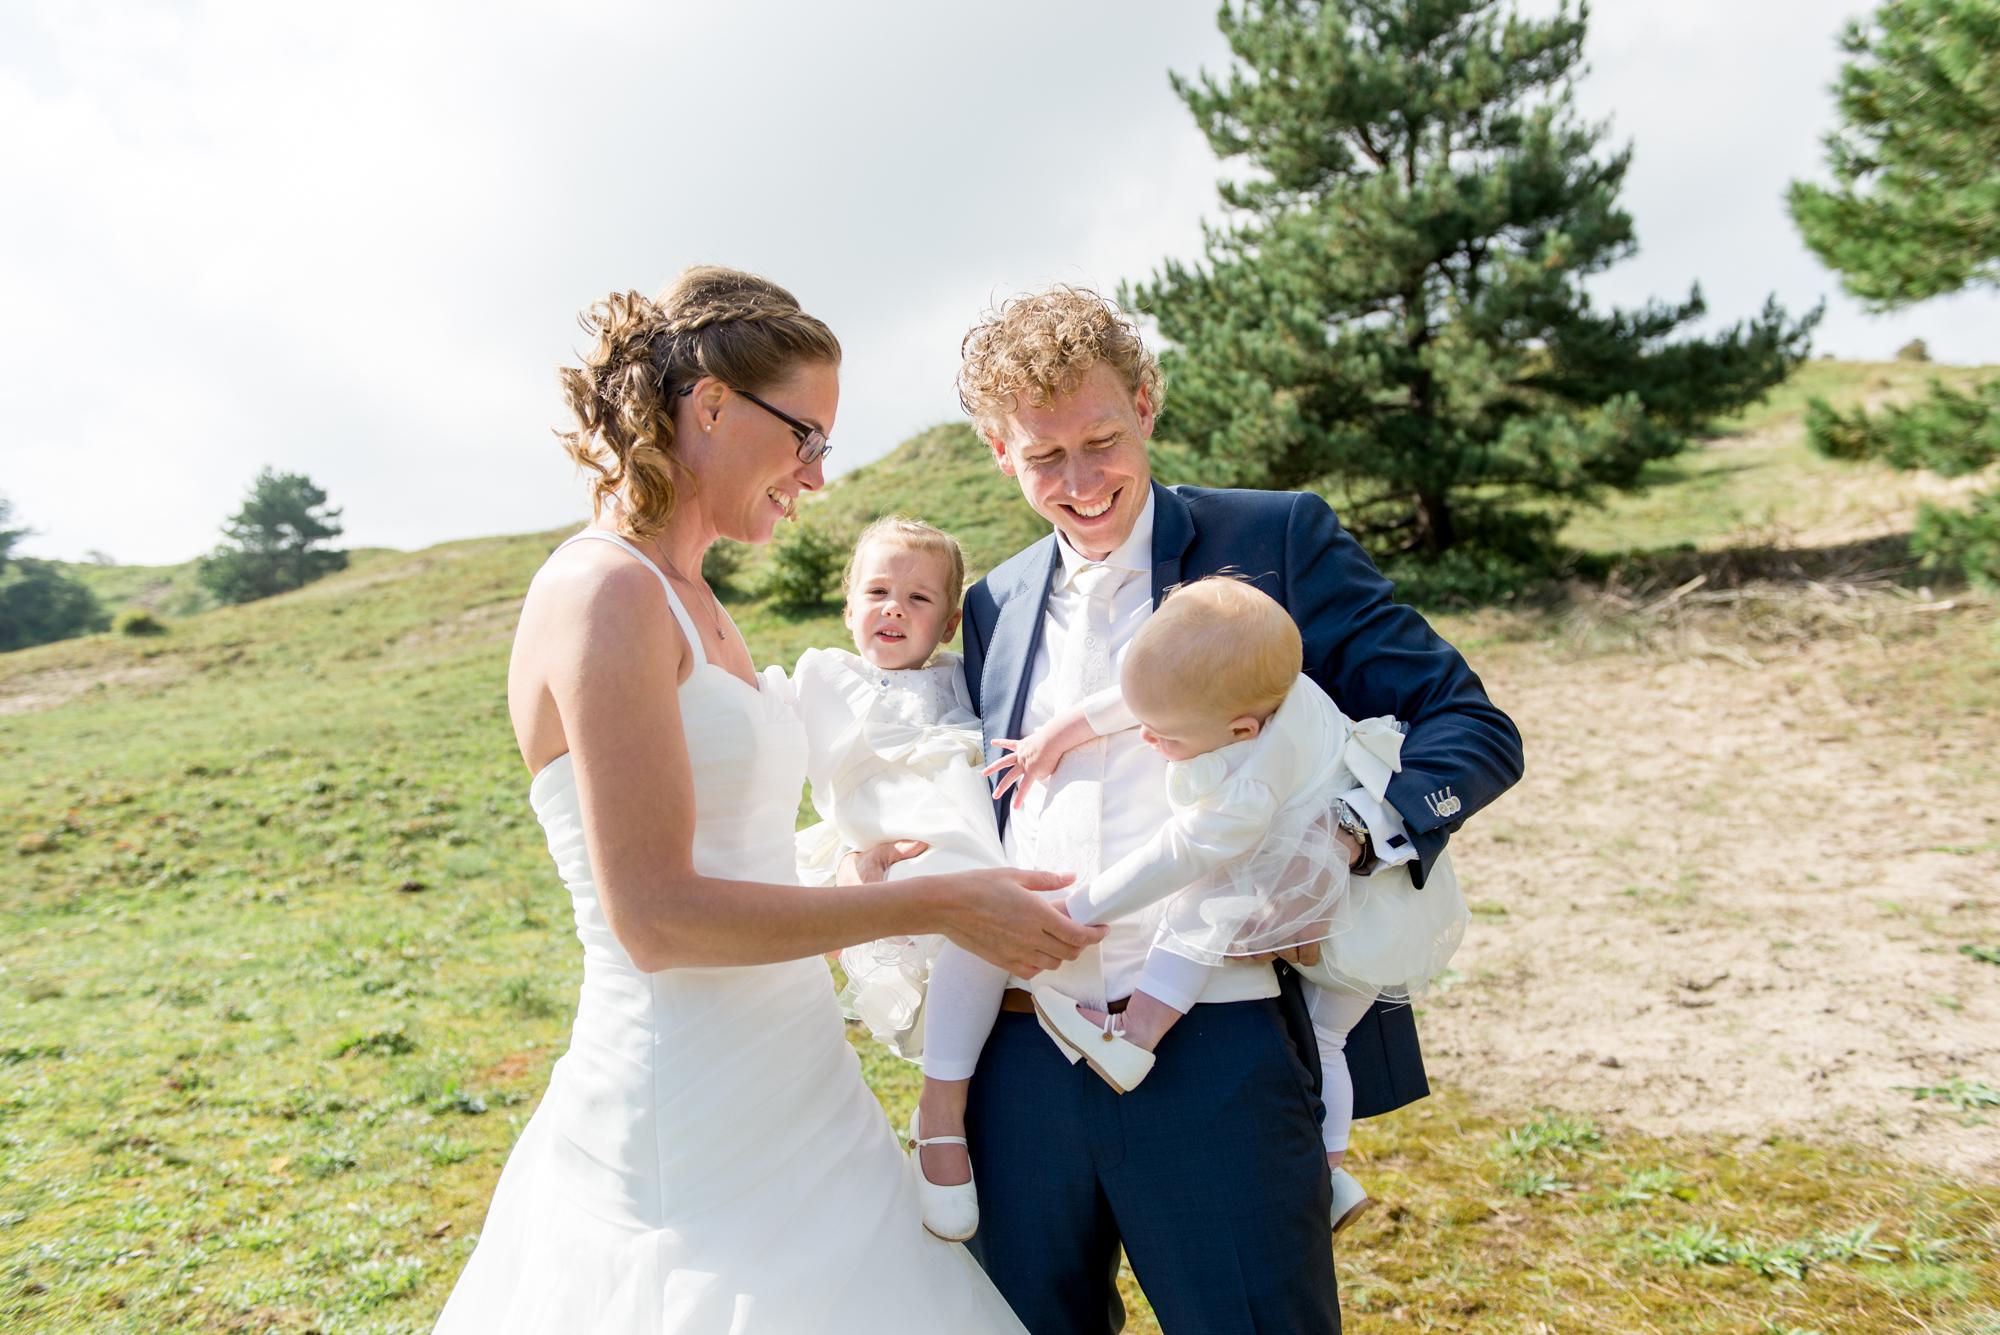 bruidsfotografie-Heiloo-Castricum-aan-zee-Liesbeth-en-Pieter-581